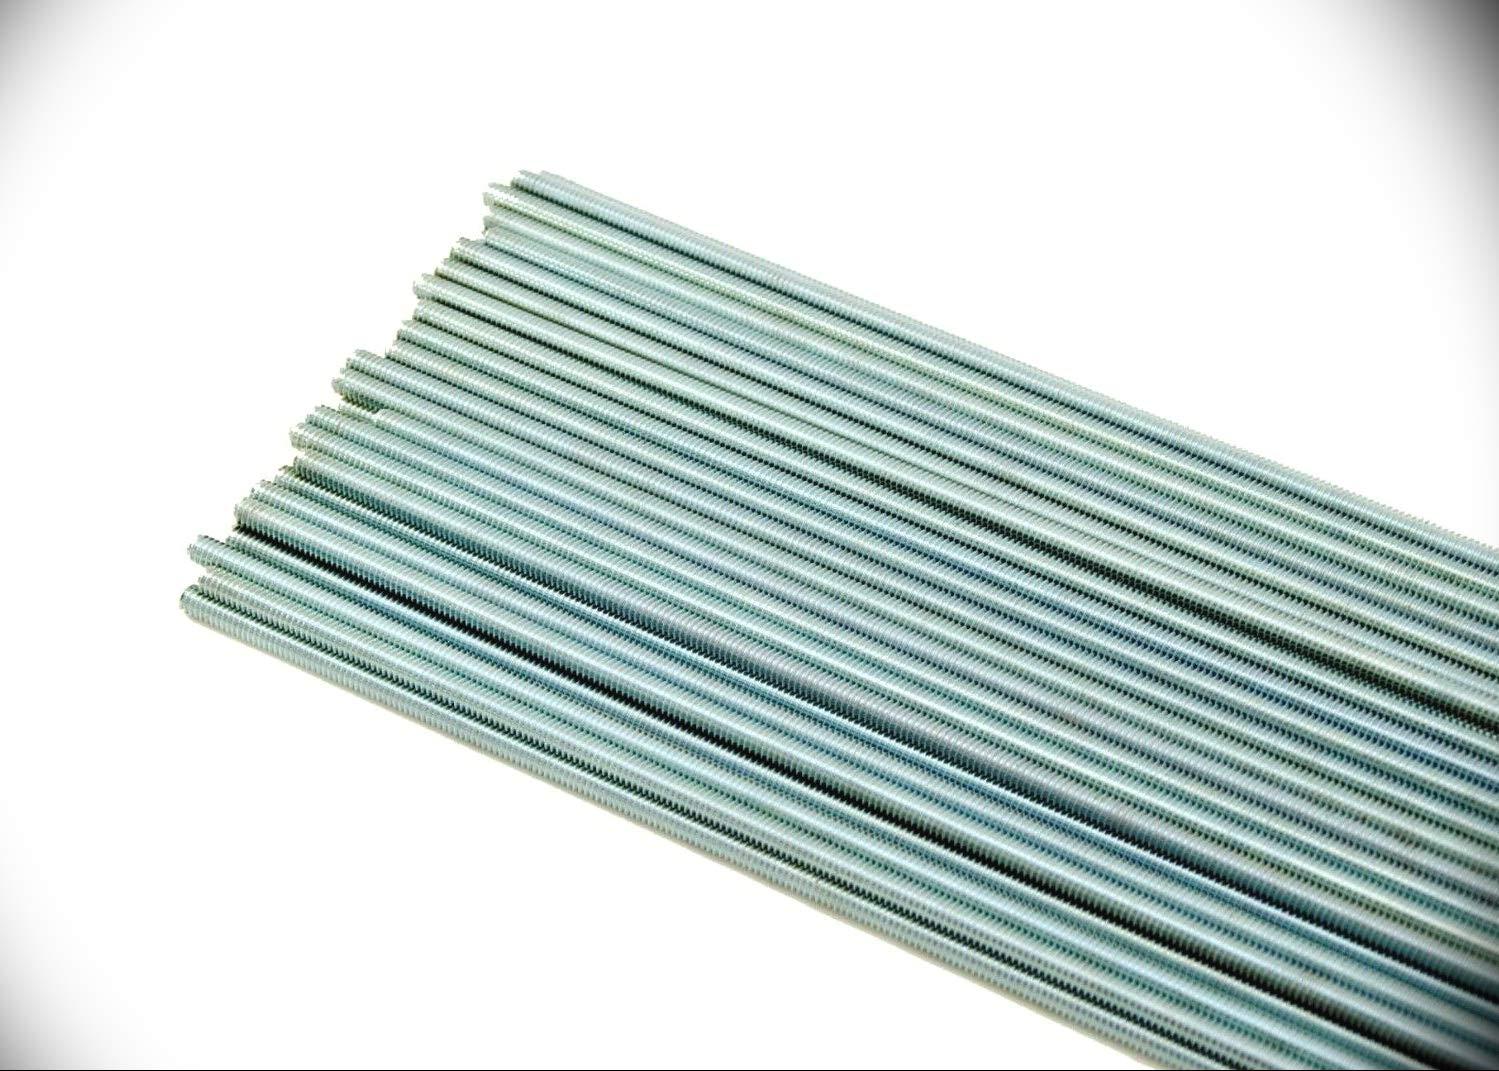 50 PCs Threaded Rod 10-24 x 36'' Machine Thread Zinc Plated All-Thread #10 x 3 ft Metric Hardware Fastener Bolts Kit